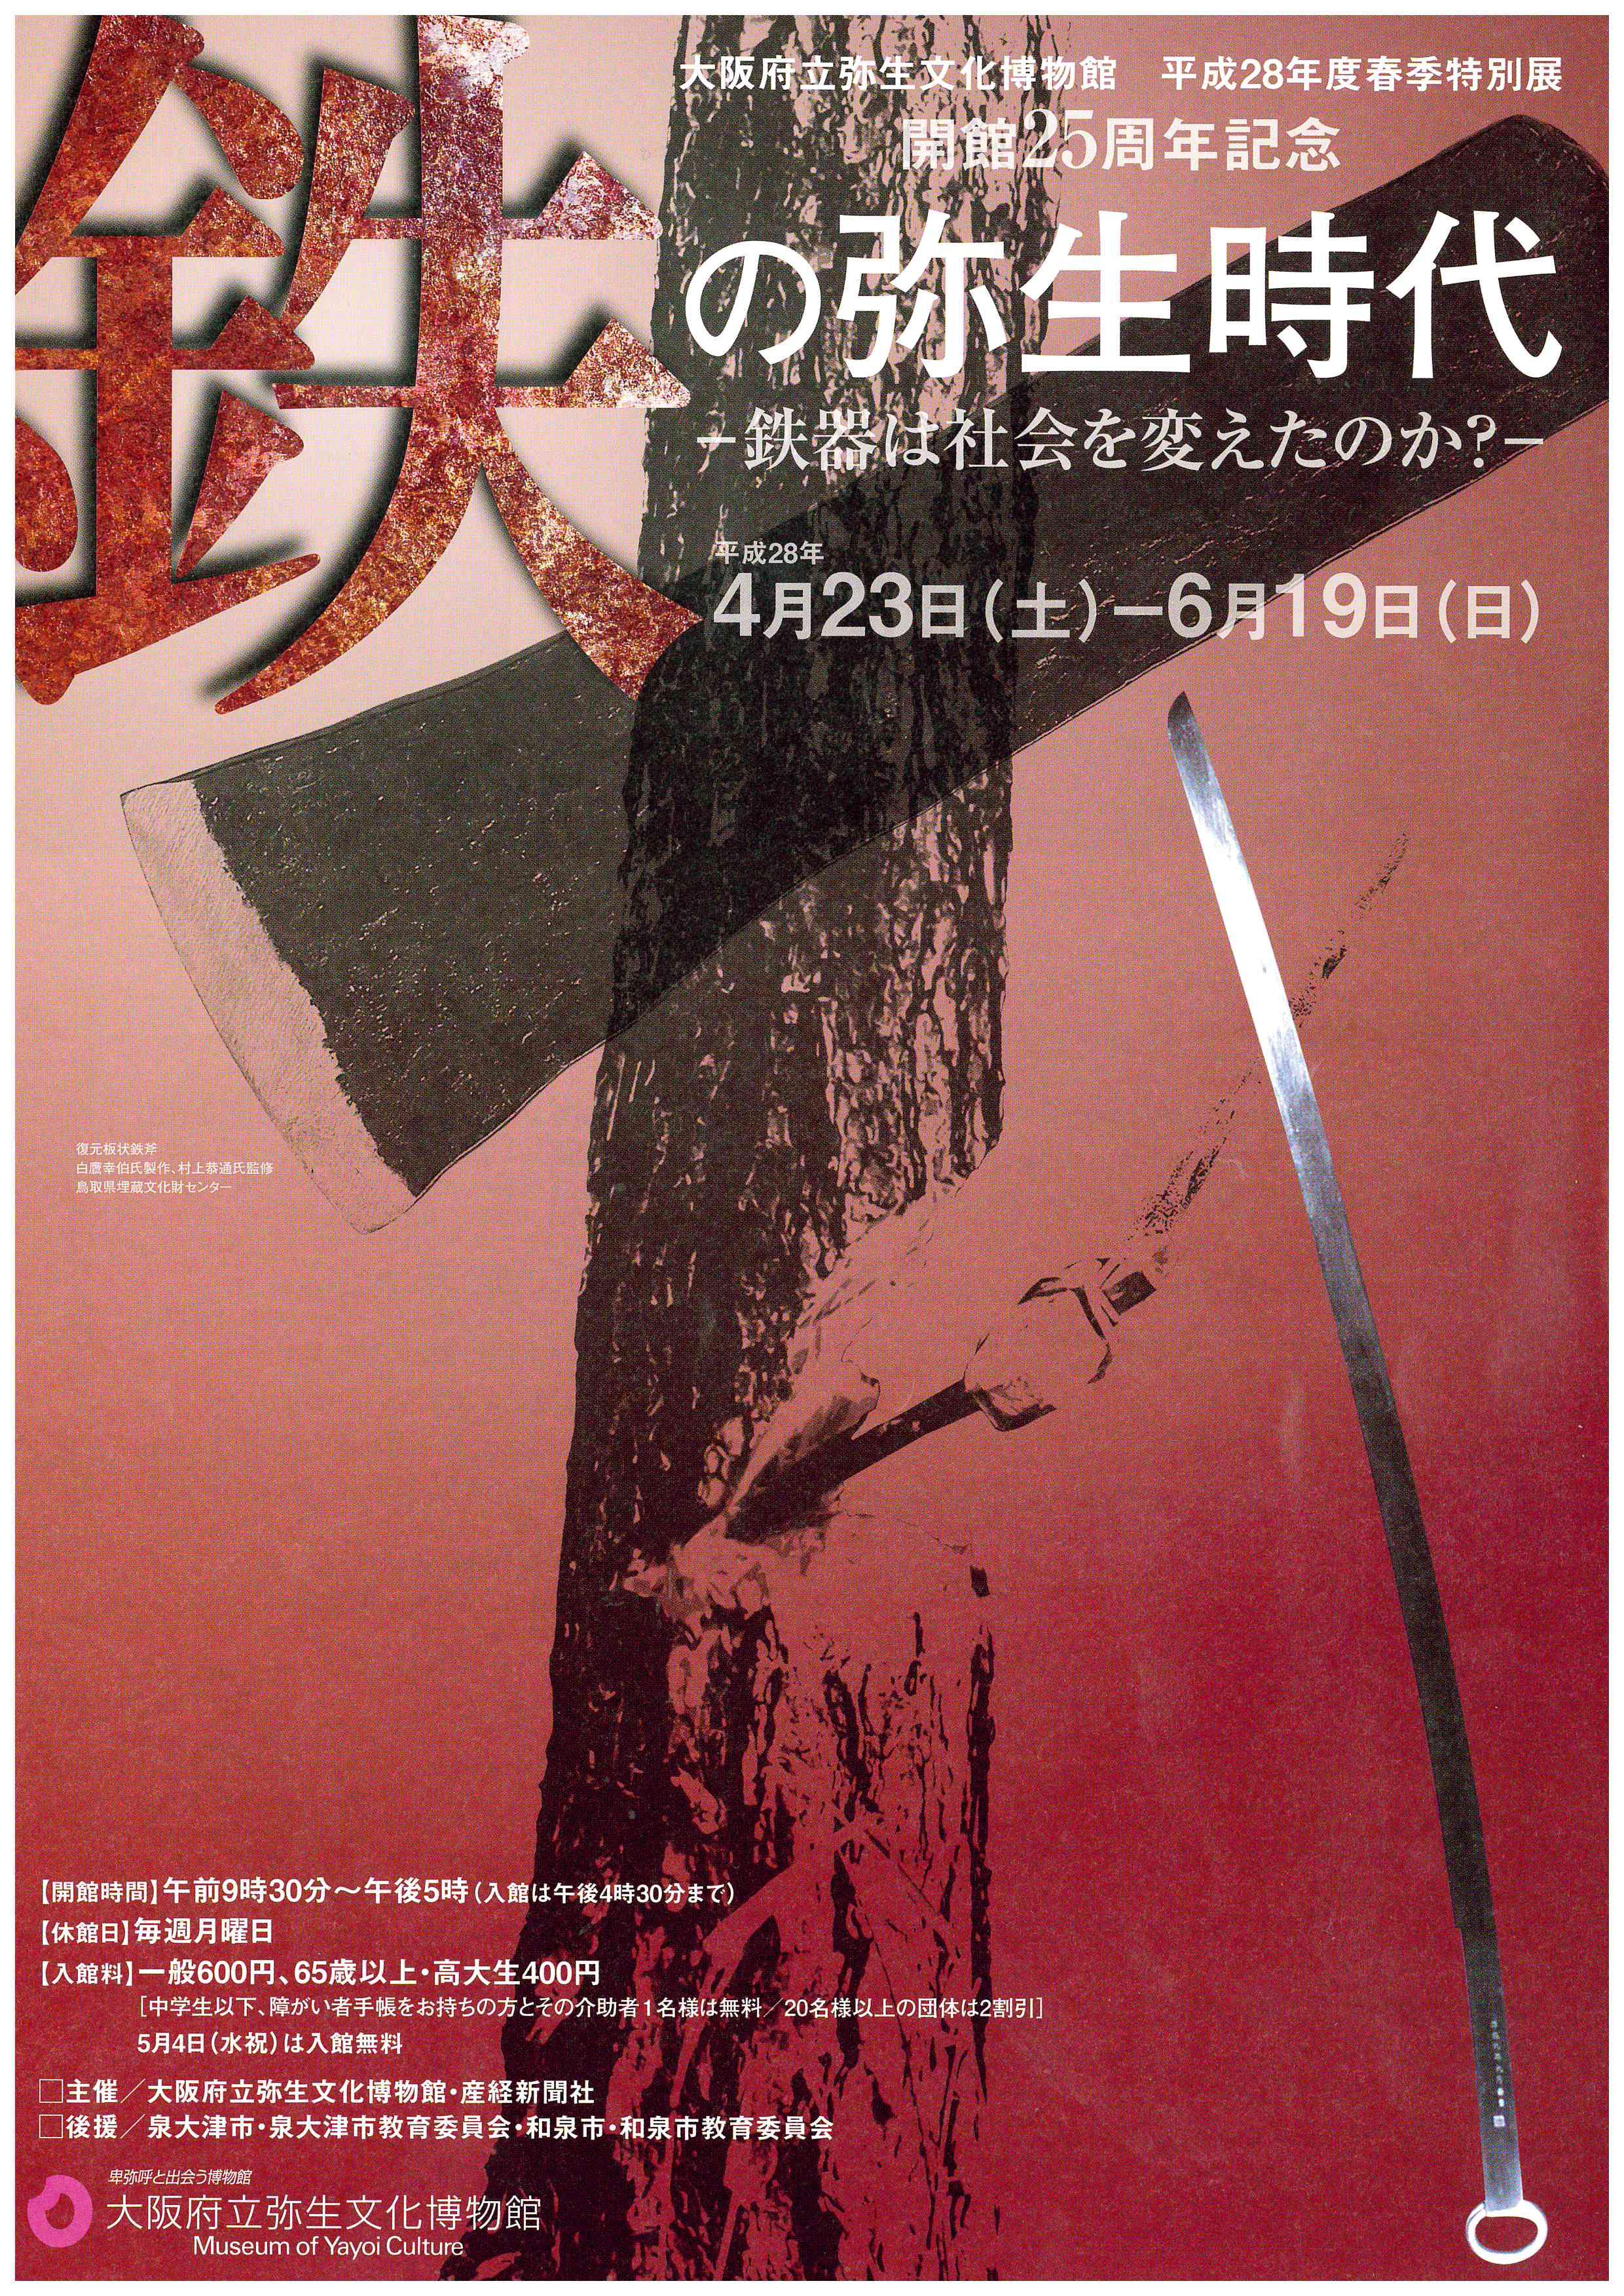 32期生禰宜田佳男さん講演会2